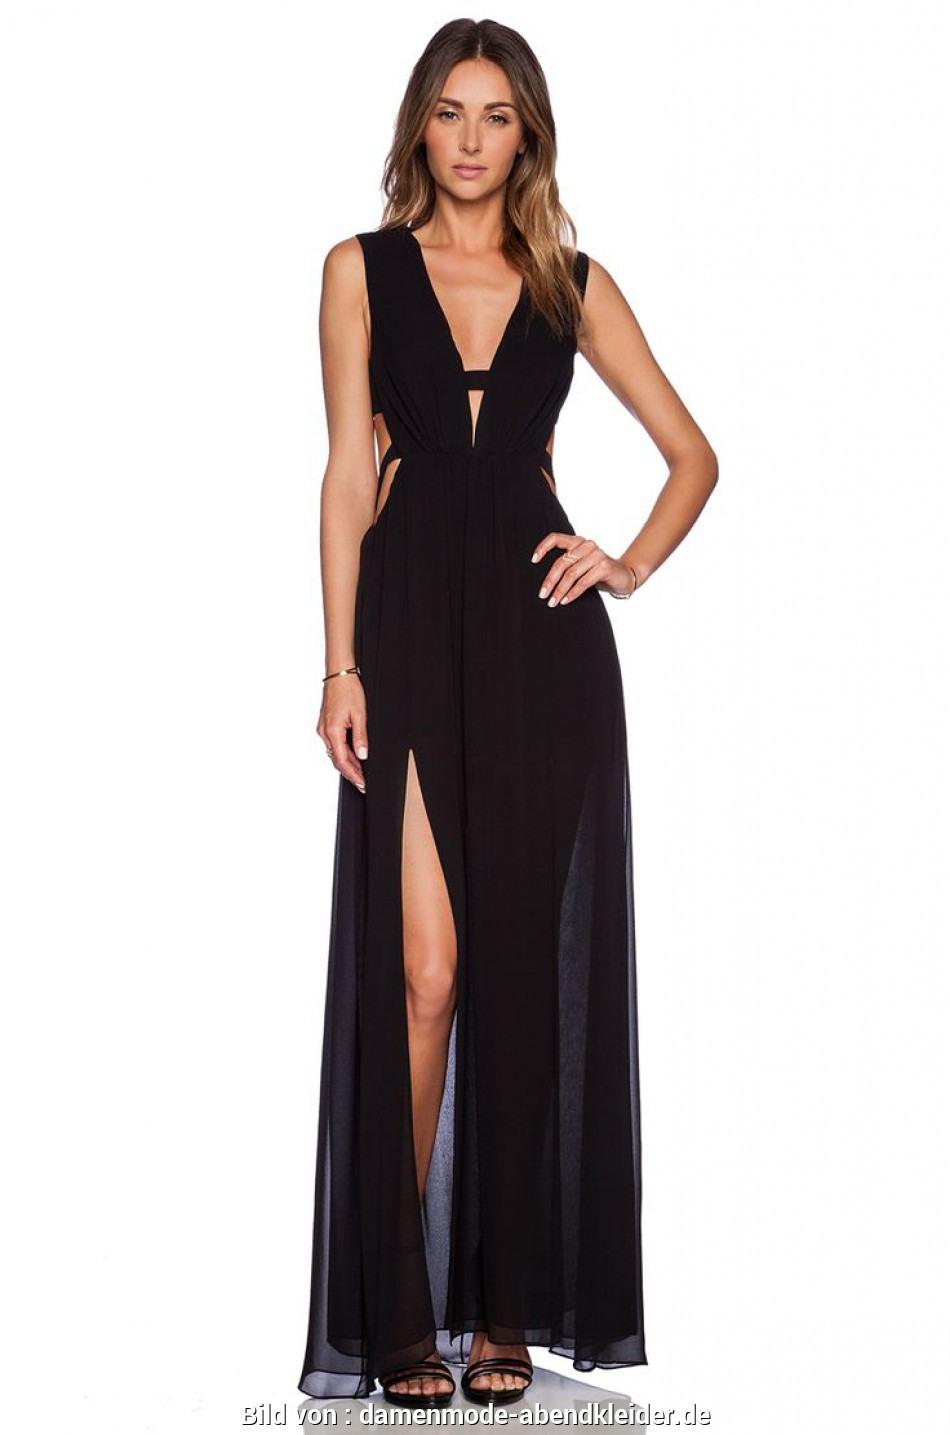 20 Coolste Abendkleid Für Kleine Frauen Vertrieb10 Fantastisch Abendkleid Für Kleine Frauen Galerie